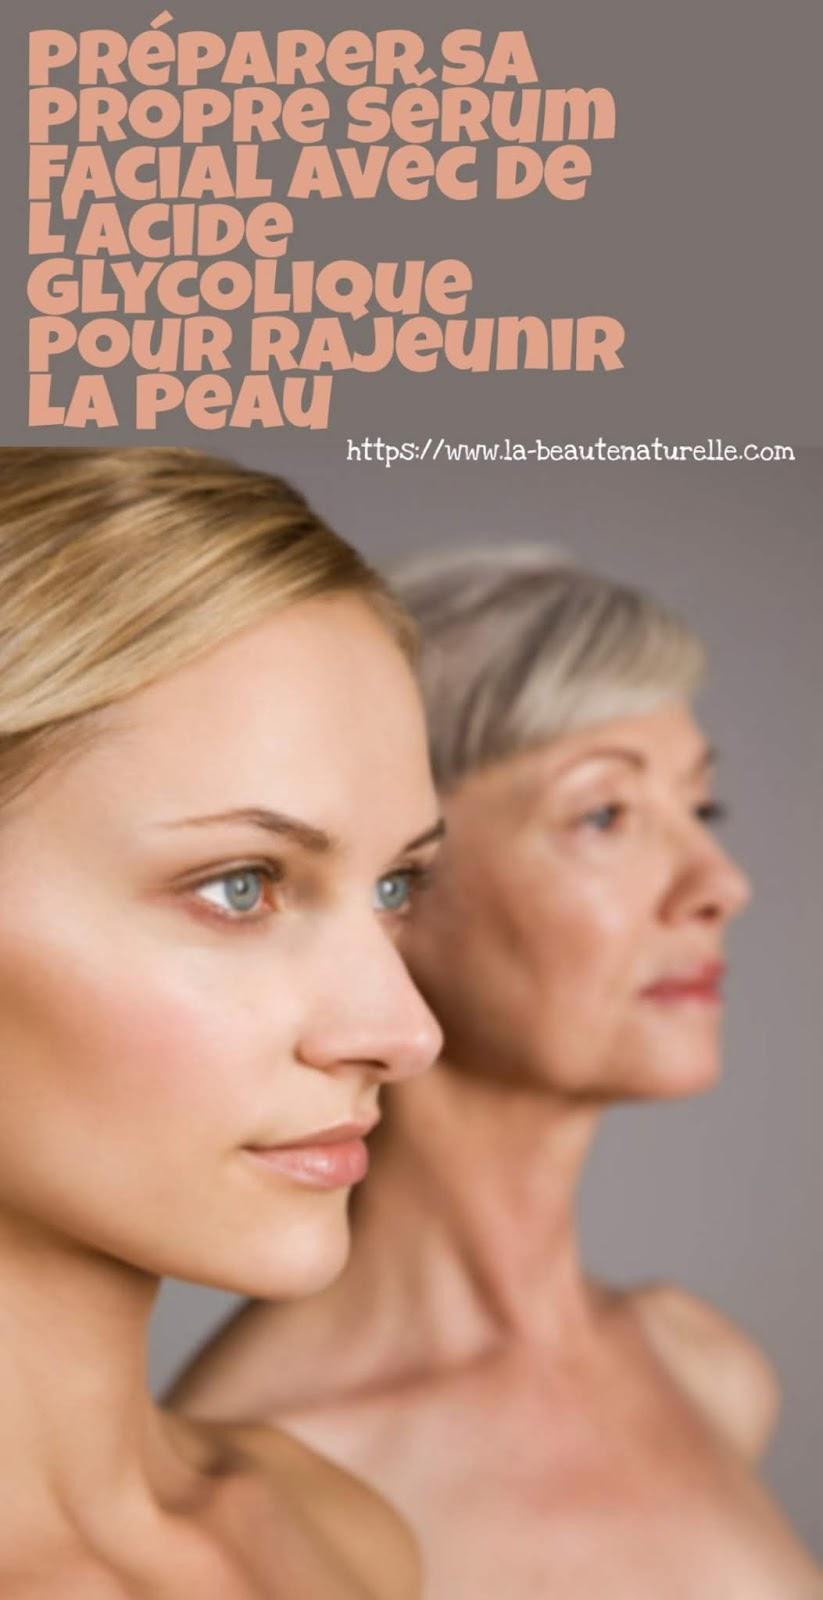 Préparer Sa Propre Sérum Facial Avec De L'acide Glycolique Pour Rajeunir La Peau